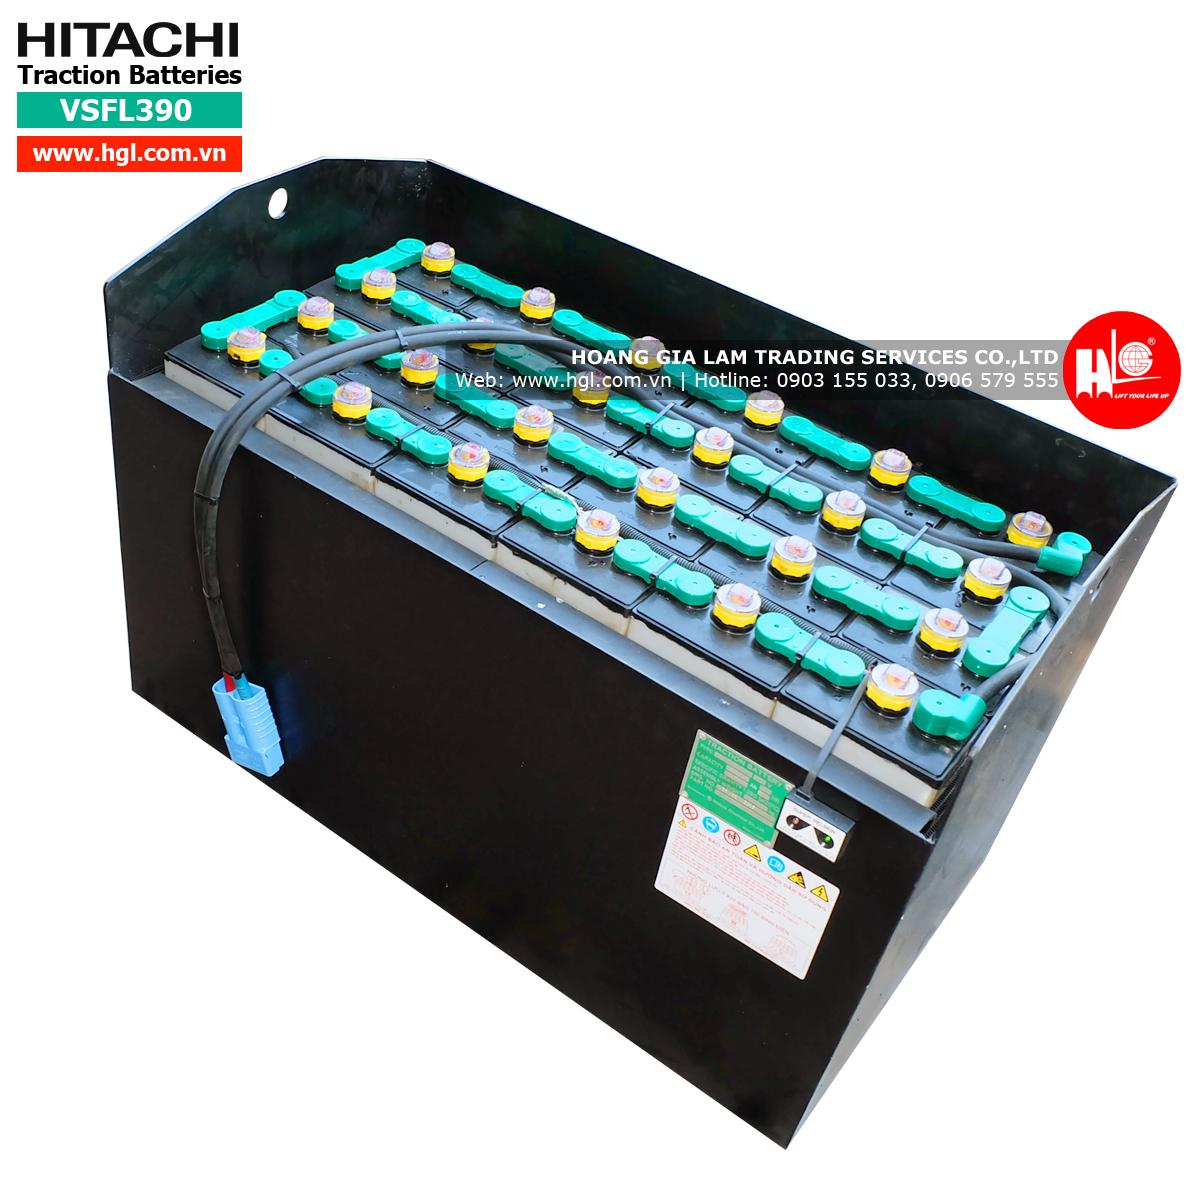 binh-dien-xe-nang-hitachi-390ah-VSFL390-1